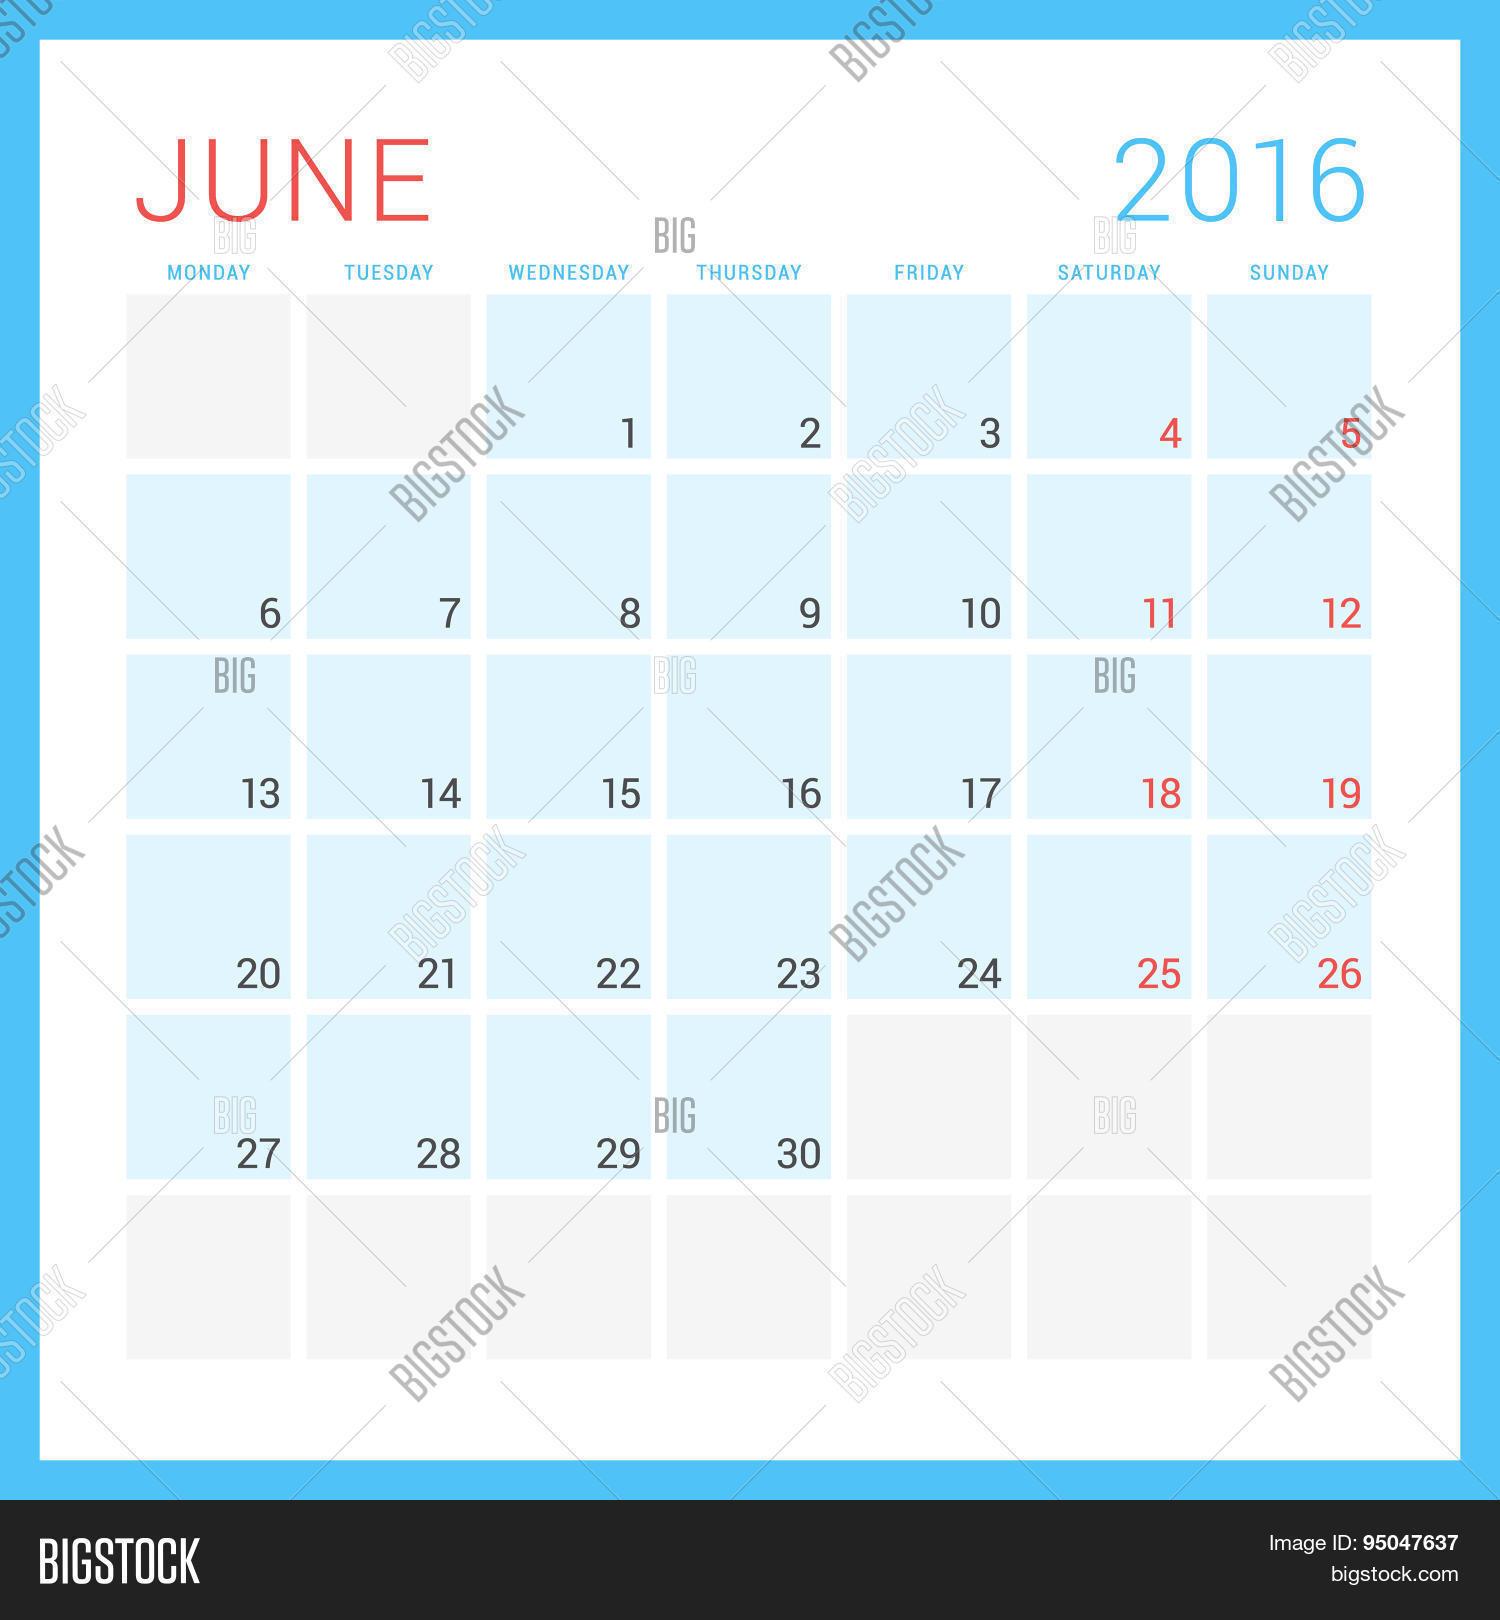 June Calendar Vector : Calendar vector flat design template june week